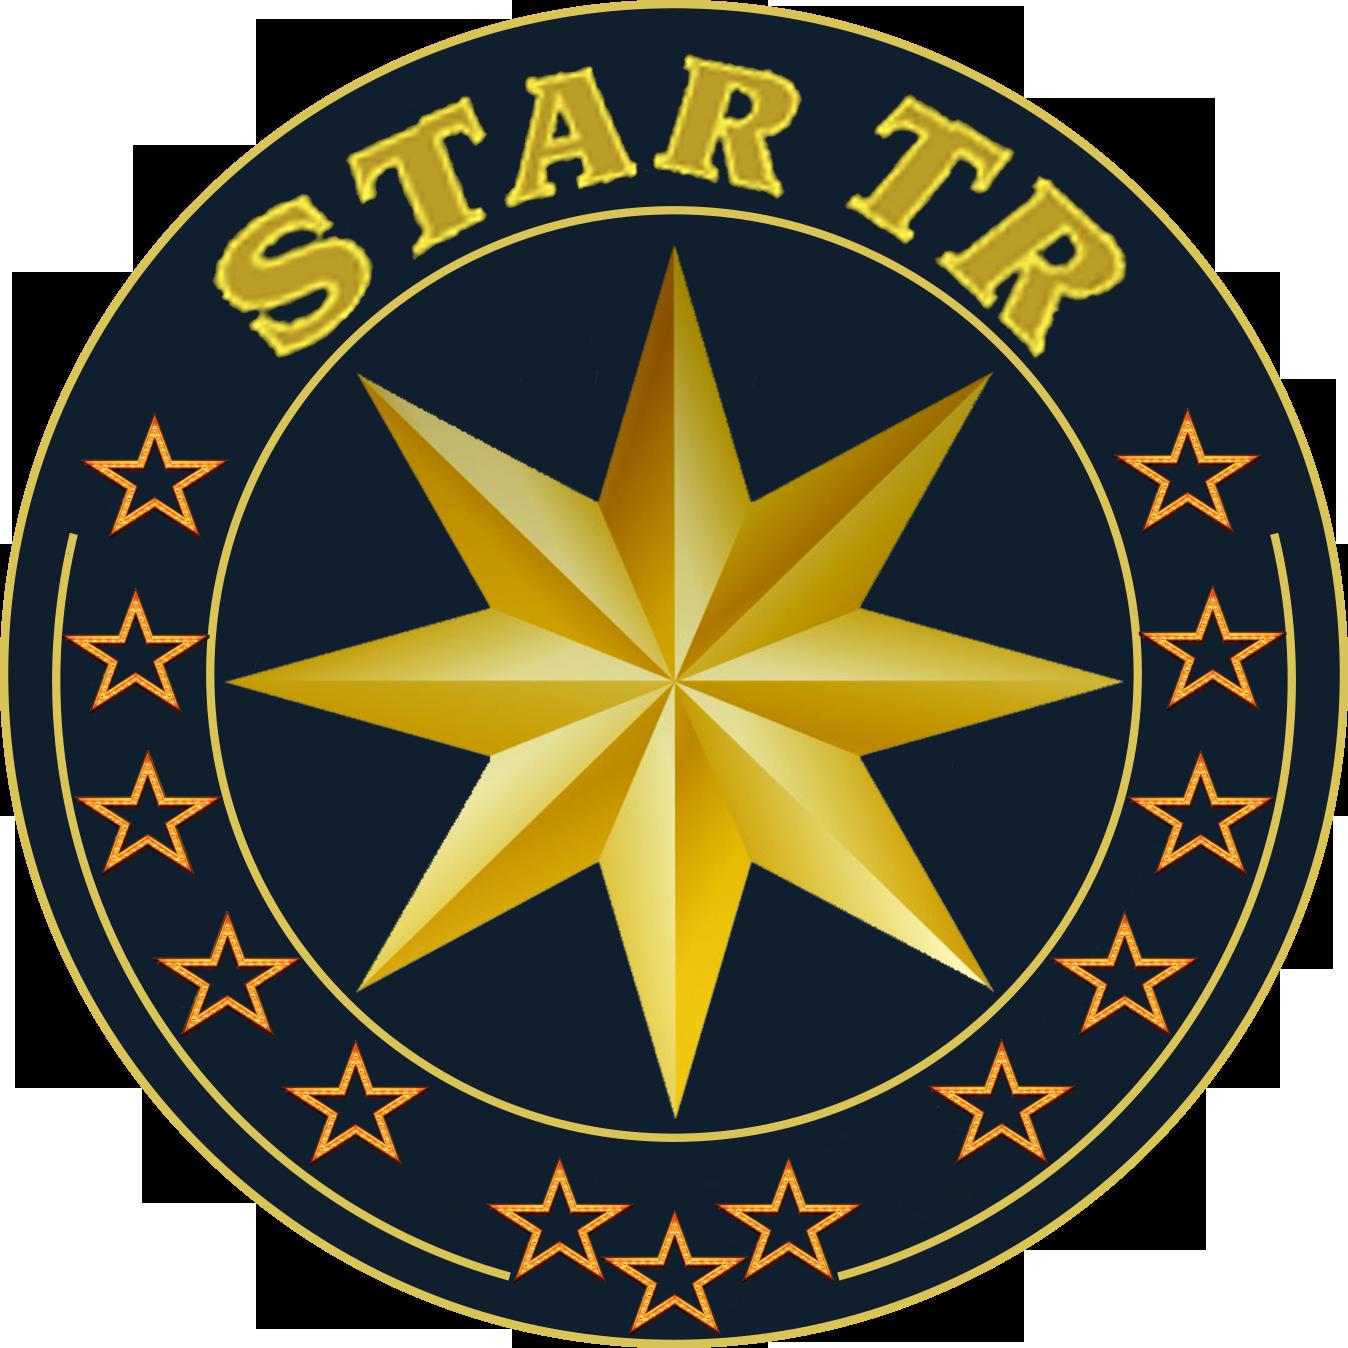 StarTR Turkey Freelance Tanıtım Yazısı Satışı, Web Yazılım Hizmetleri